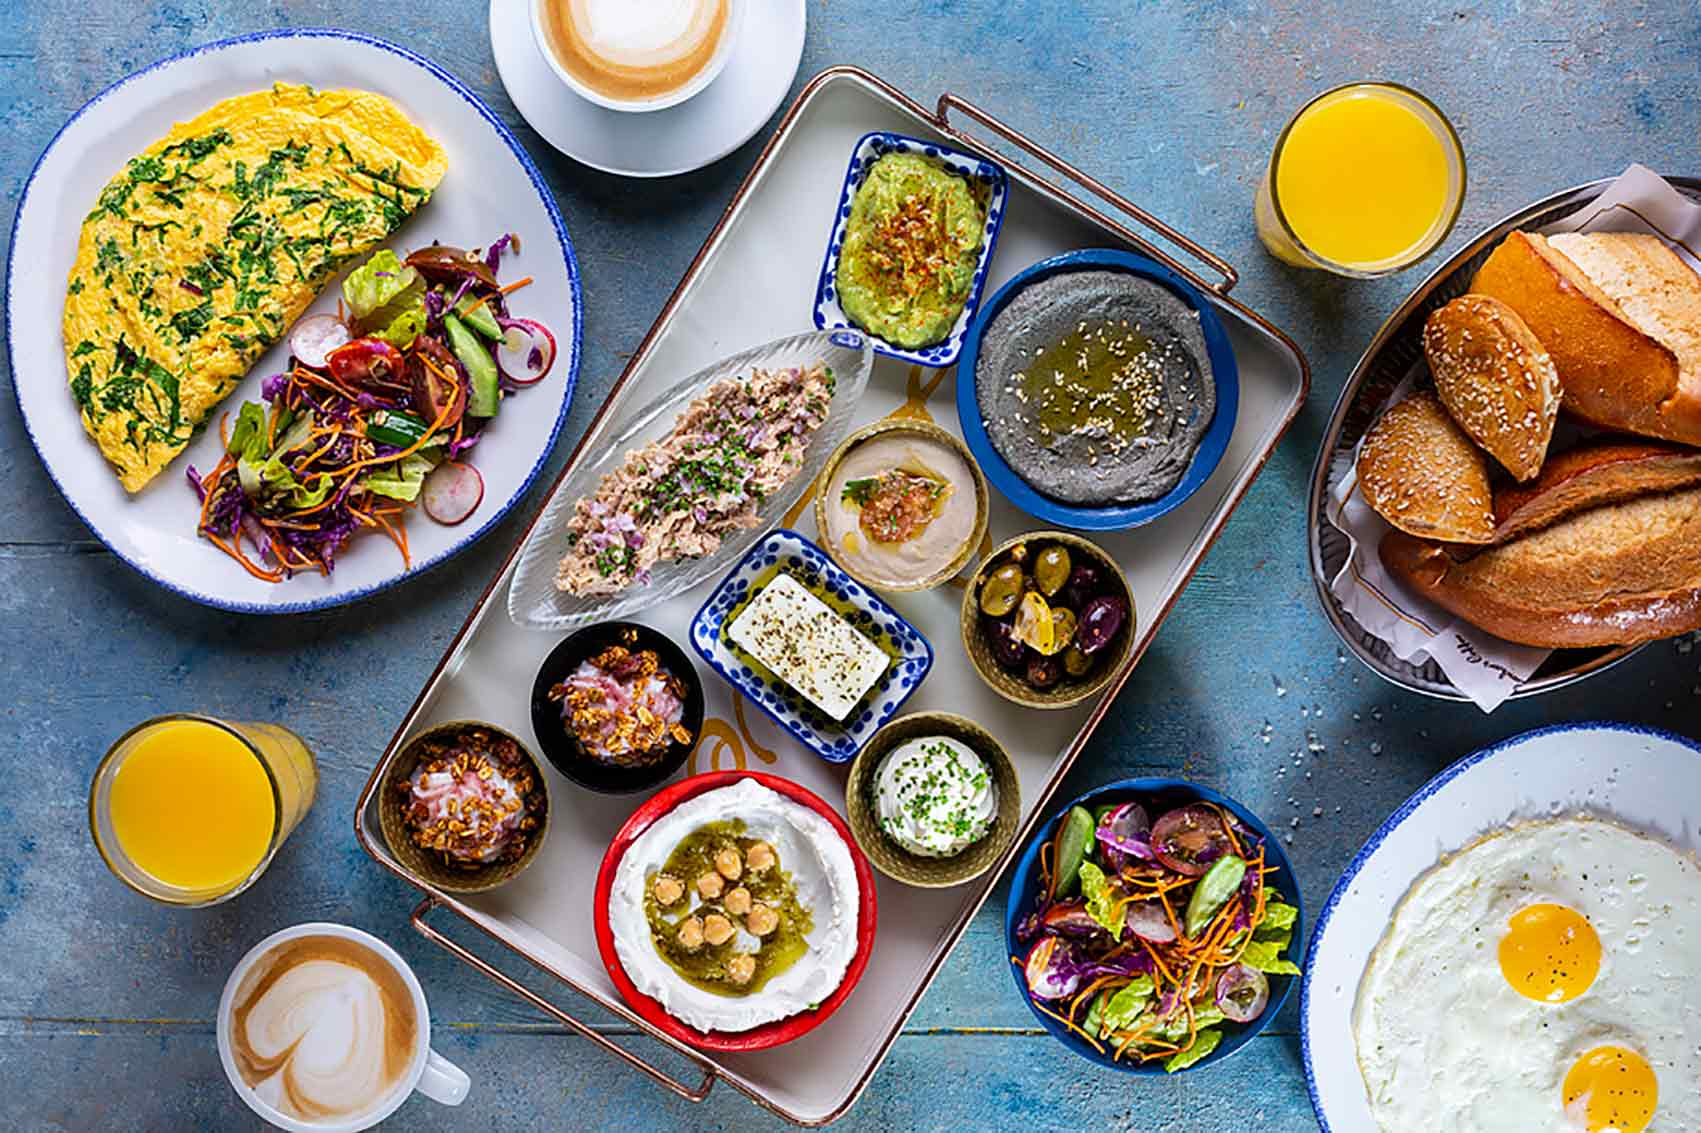 מבצע-ארוחת-בוקר-בעופר-סנטר-נוף-גליל-צלם-ג'ייסון-אוכל